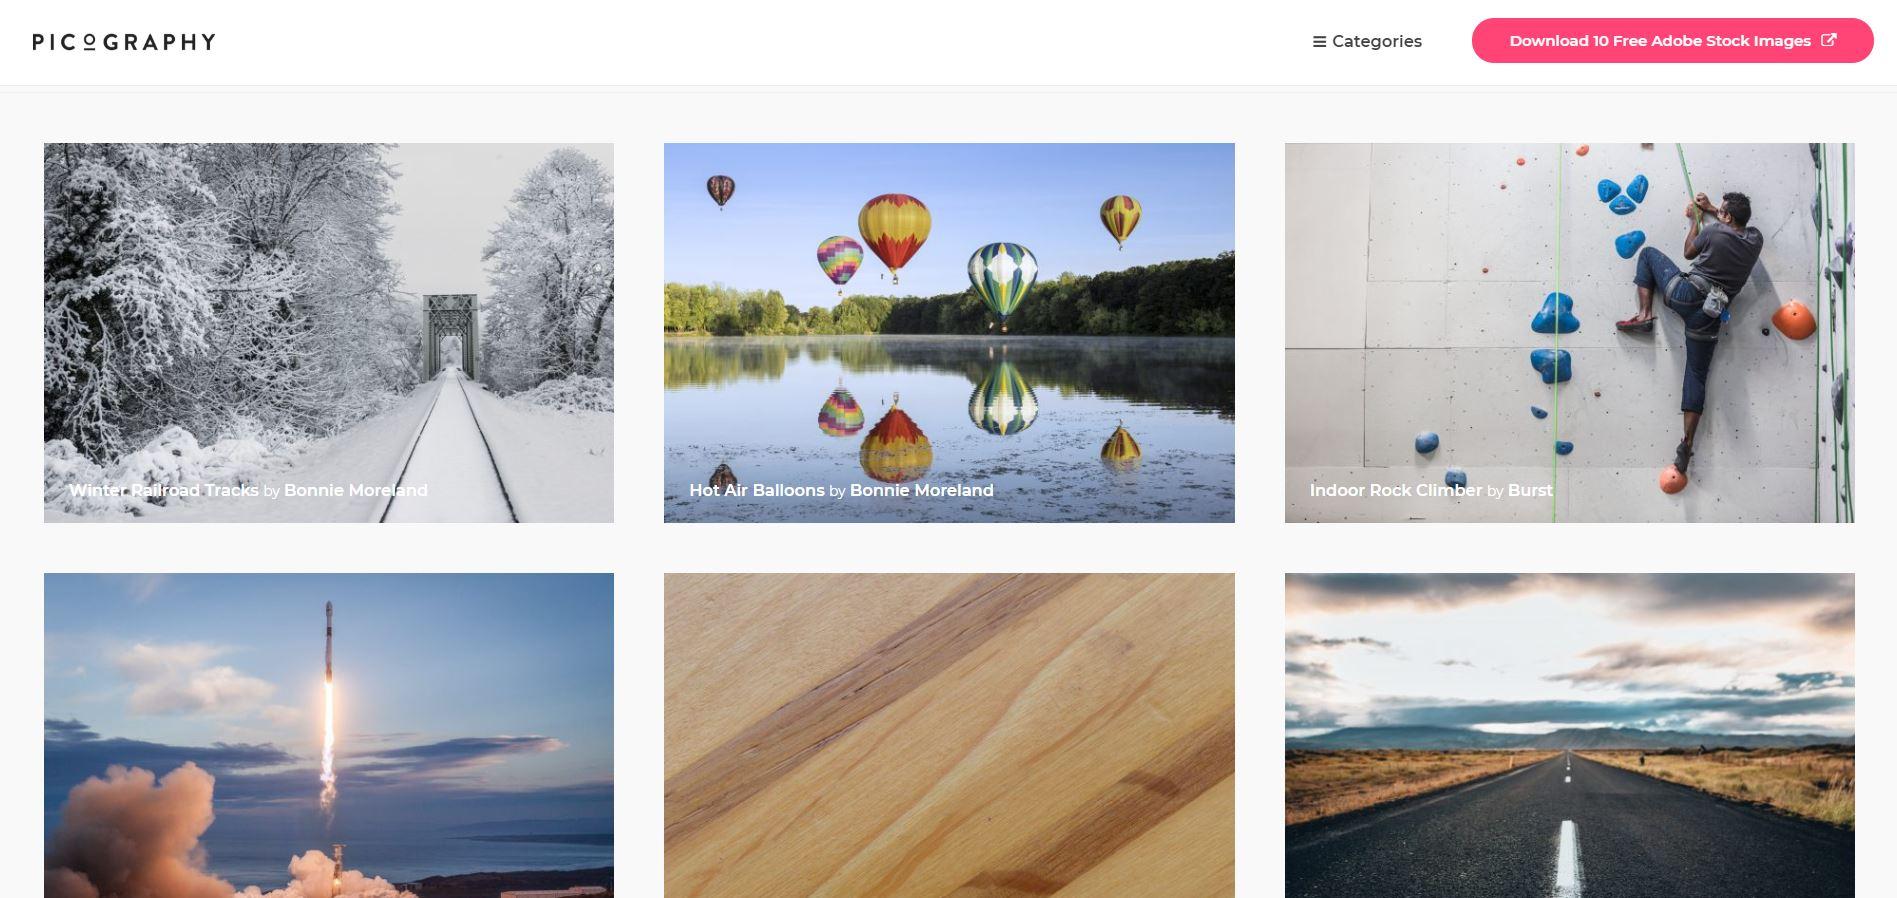 70 Bancos de Imagens Grátis Sites de Fotos Gratuitas 9